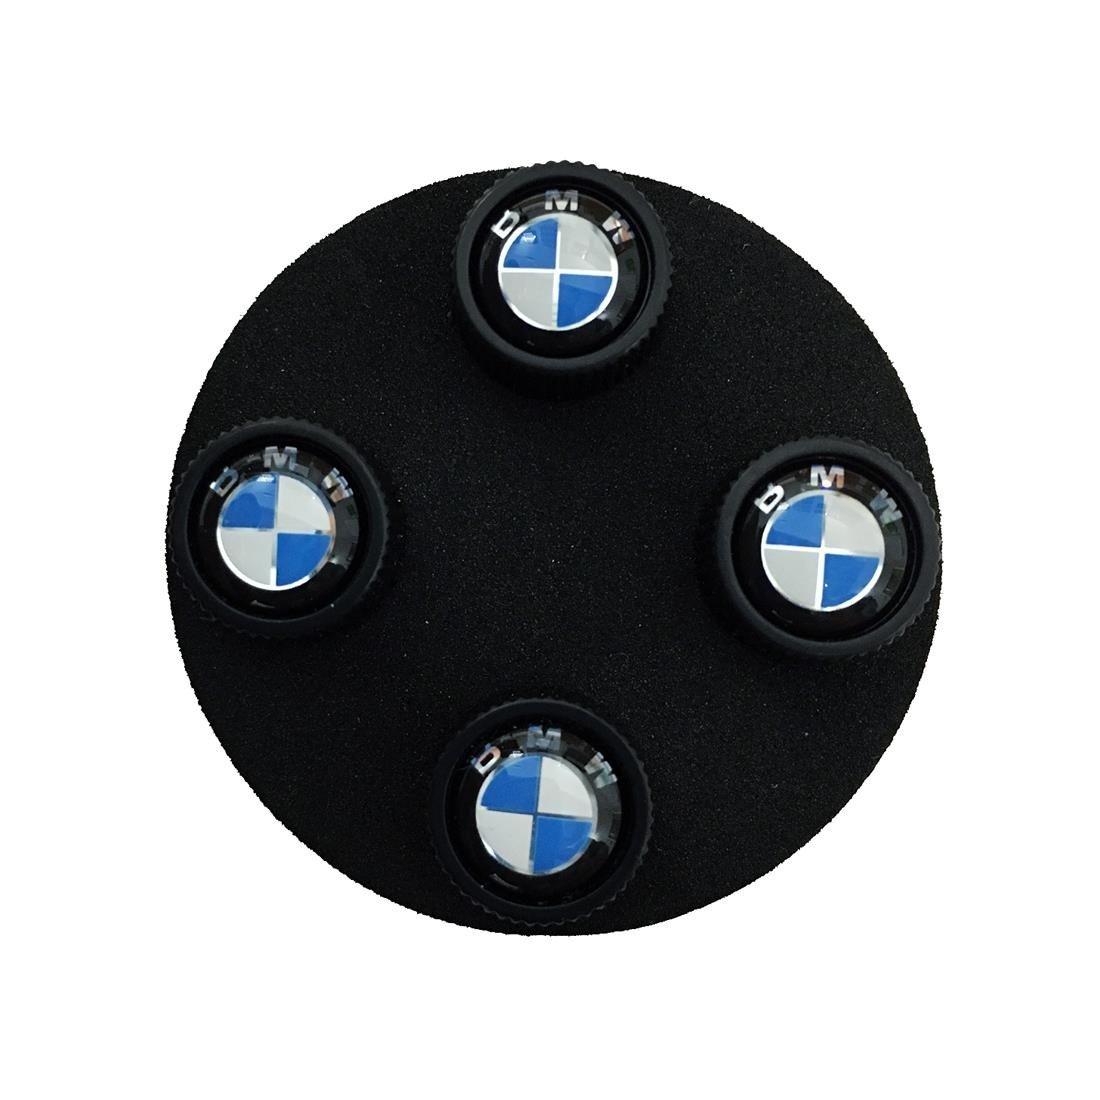 BMW Genuine Roundel Wheel Tire Valve Stem Caps Black by BMW